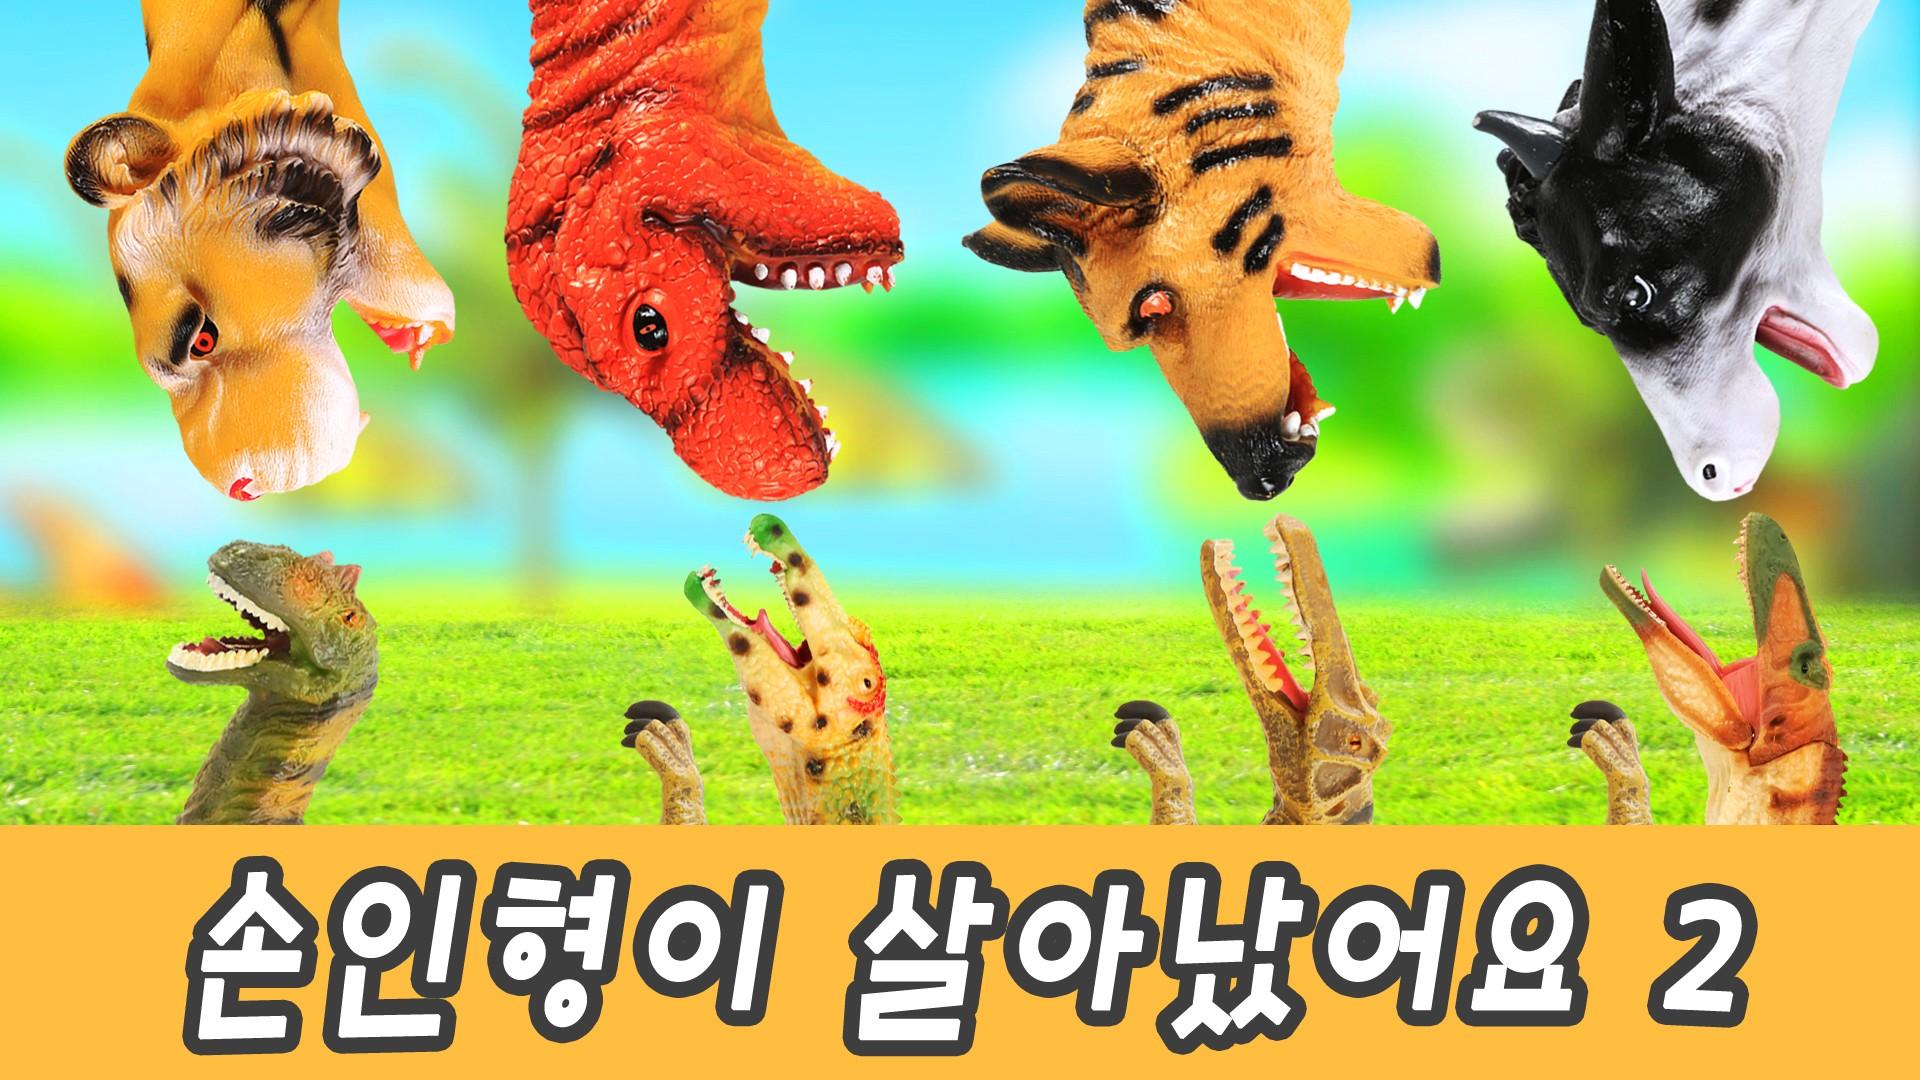 한국어ㅣ손으로 공룡을 잡아보자! 공룡이야기, 공룡만화영화, 공룡이름사전, 한글배우기, 컬렉타 #116ㅣ꼬꼬스토이